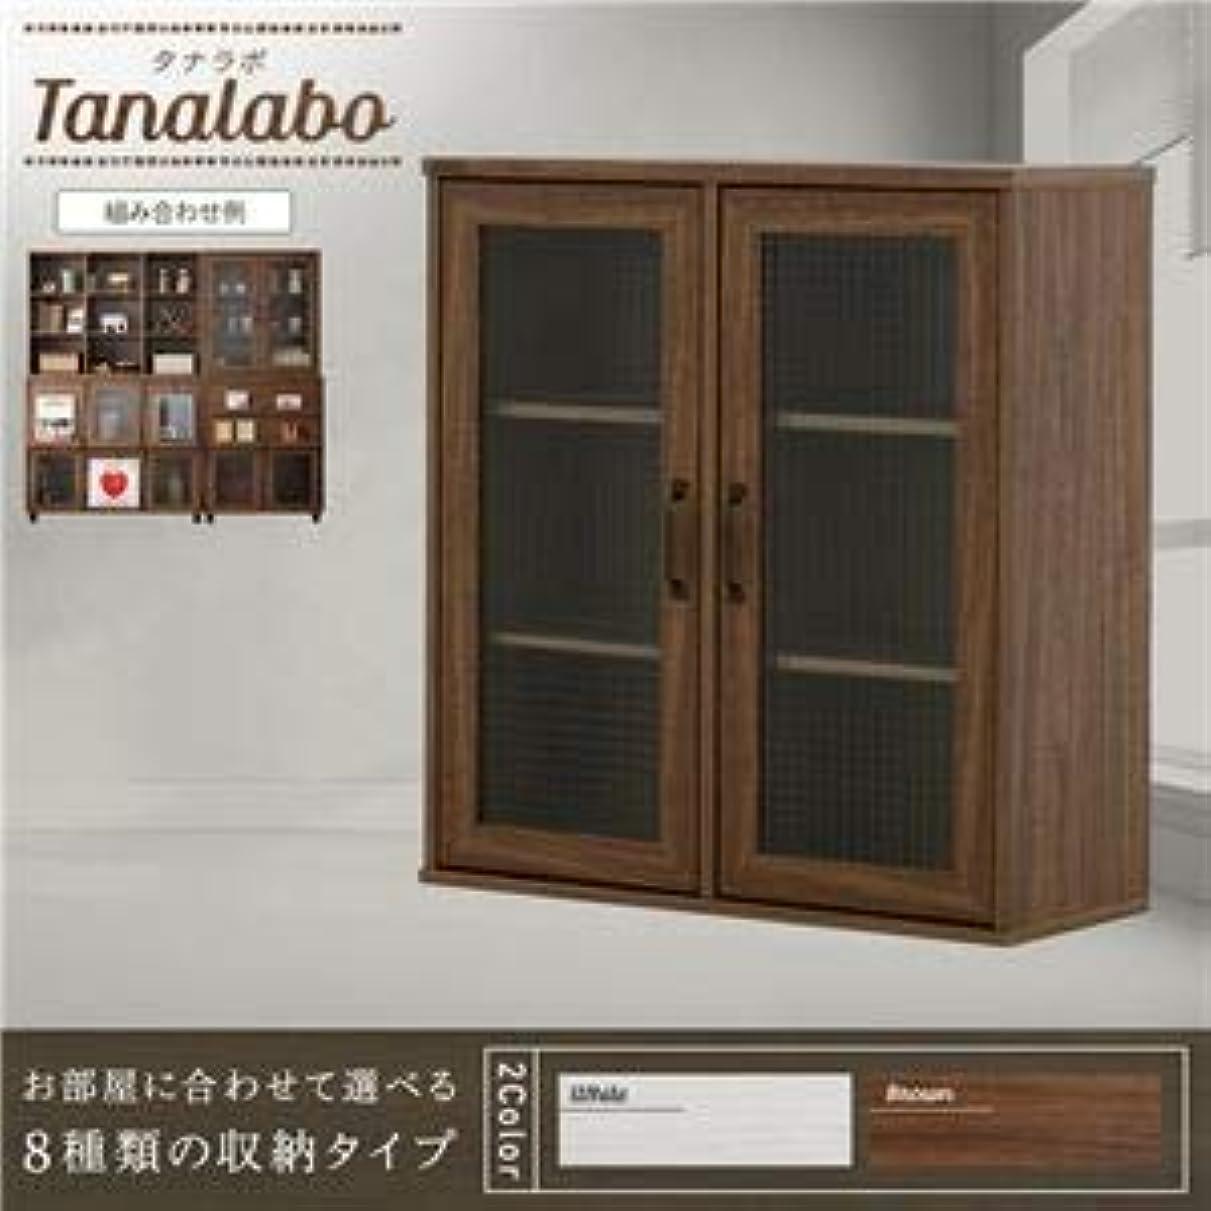 十億工夫する怒っているガラス扉 キャビネット 幅75cm 『タナラボ』上台 北欧風 木製 ダークブラウン 茶【代引不可】